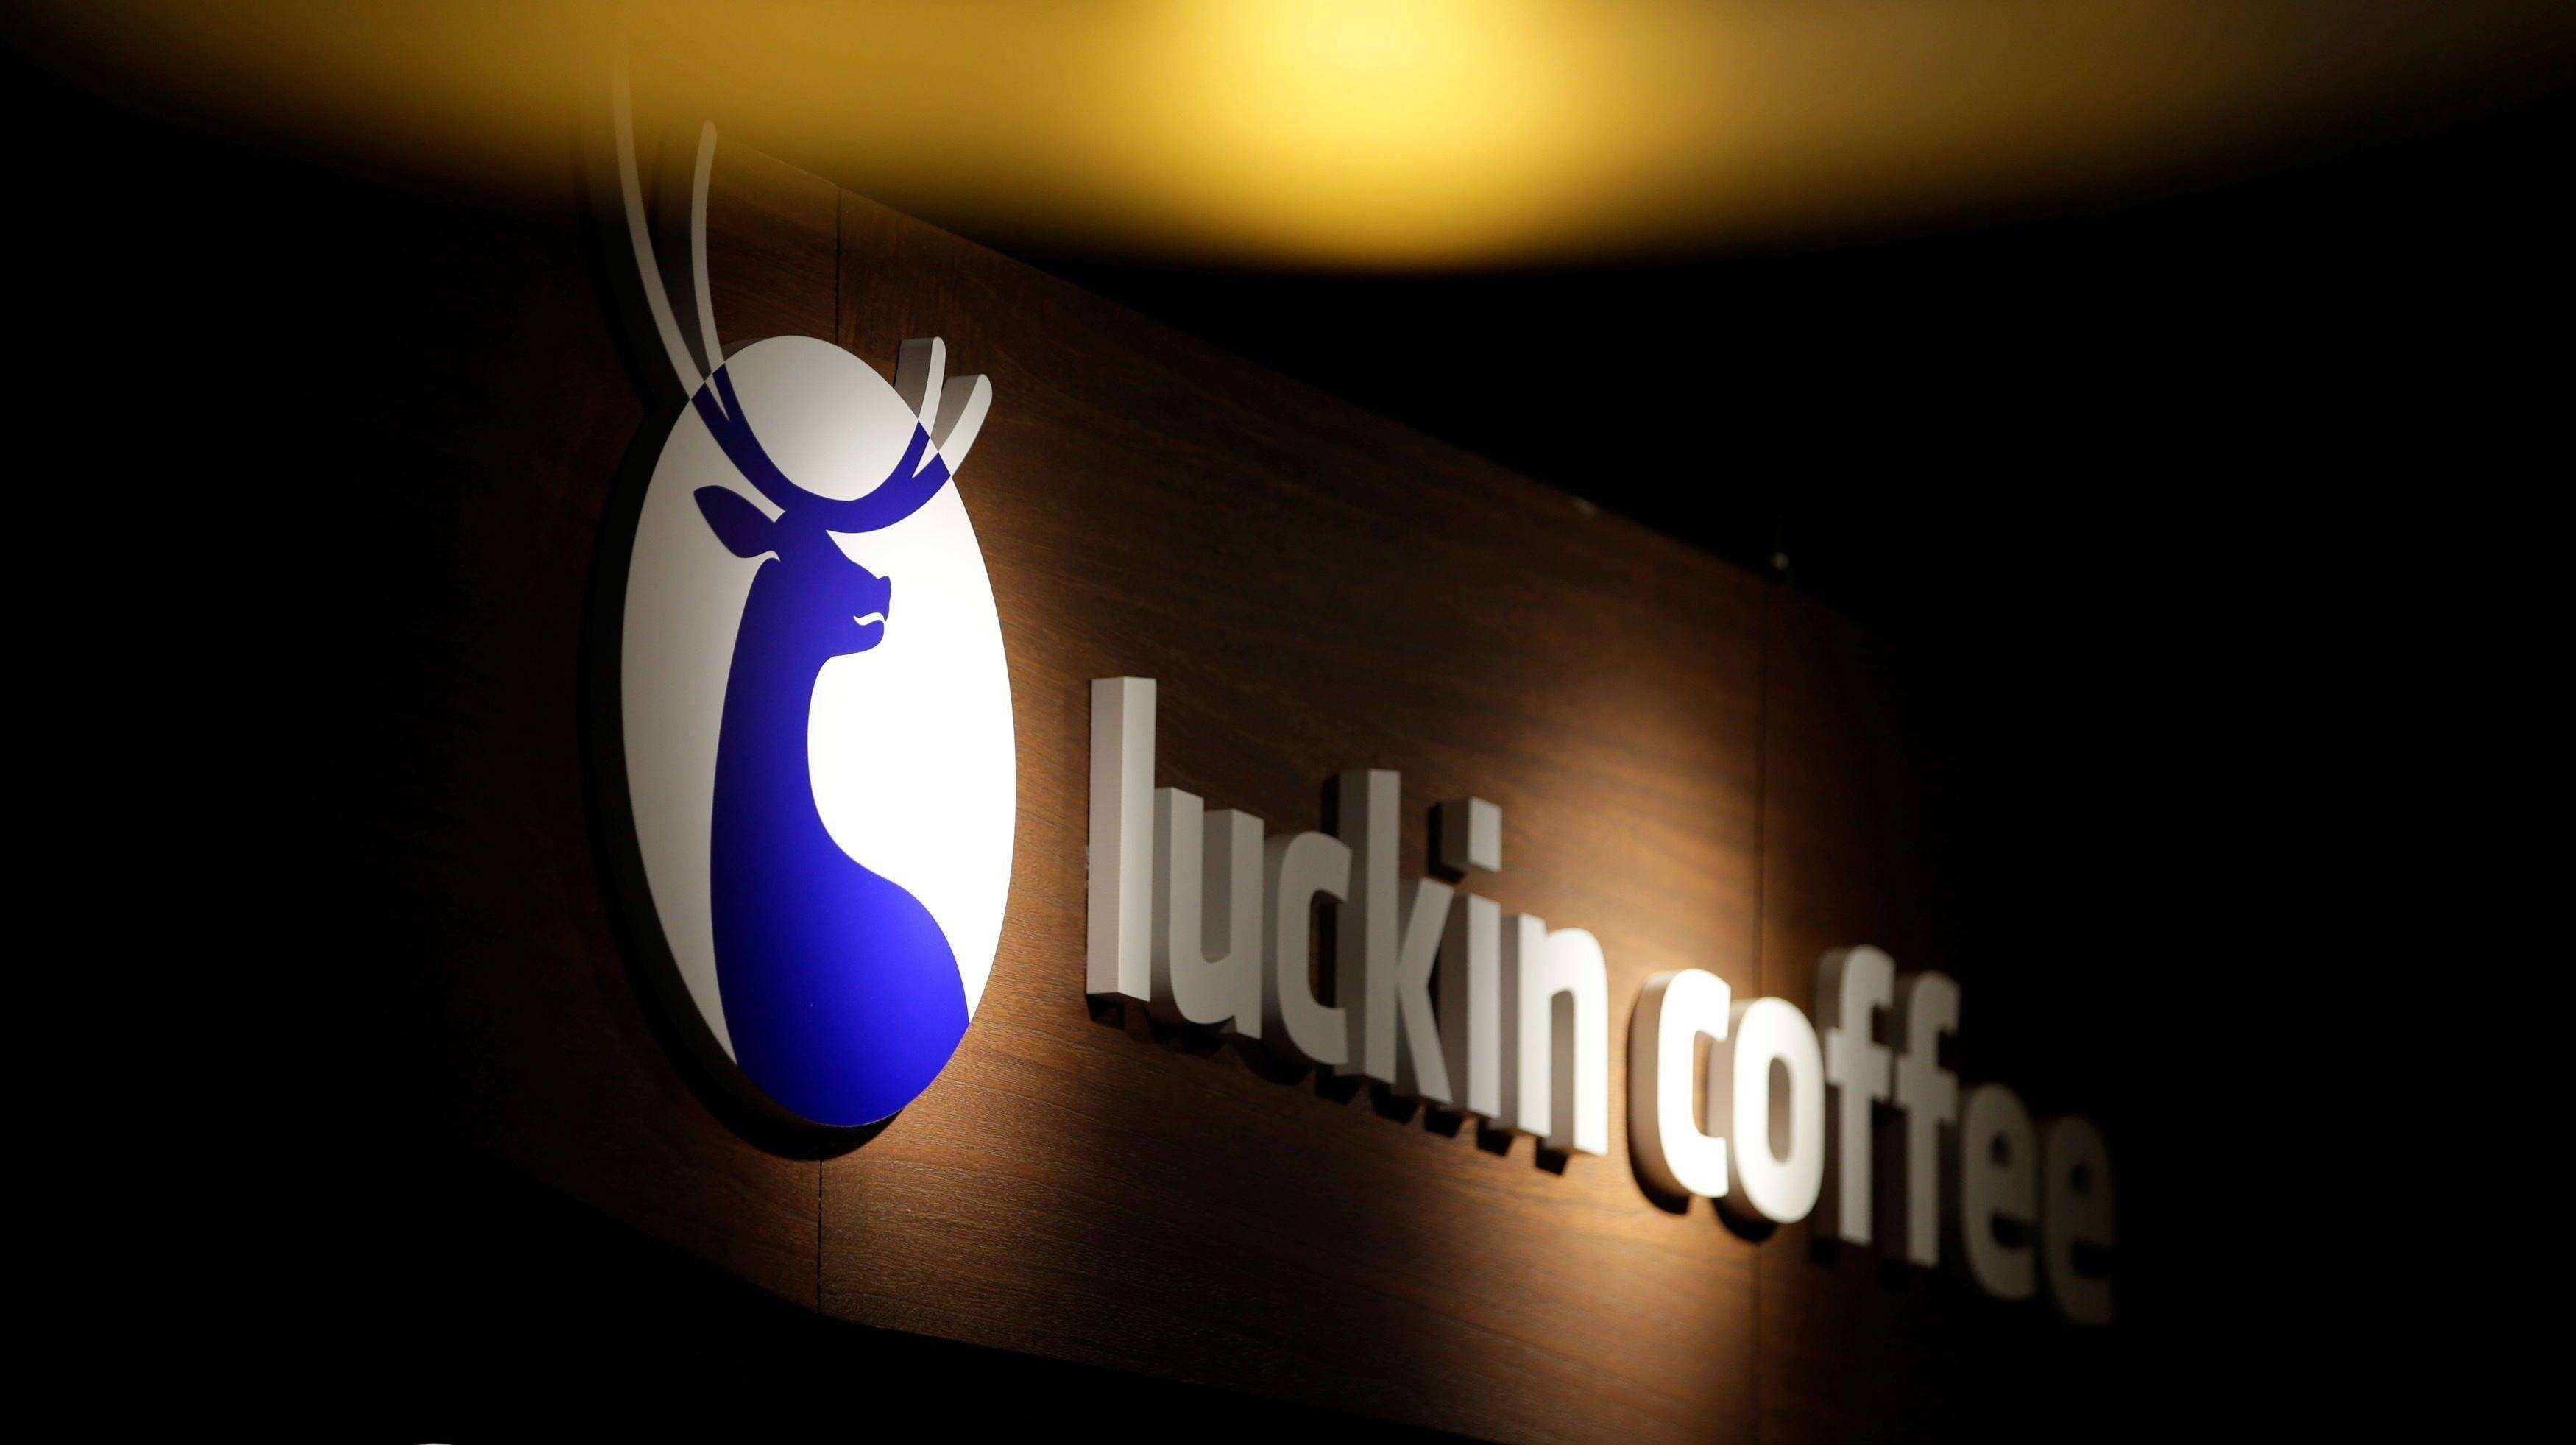 瑞幸咖啡完成1.5亿美元B+轮融资, 贝莱德领投